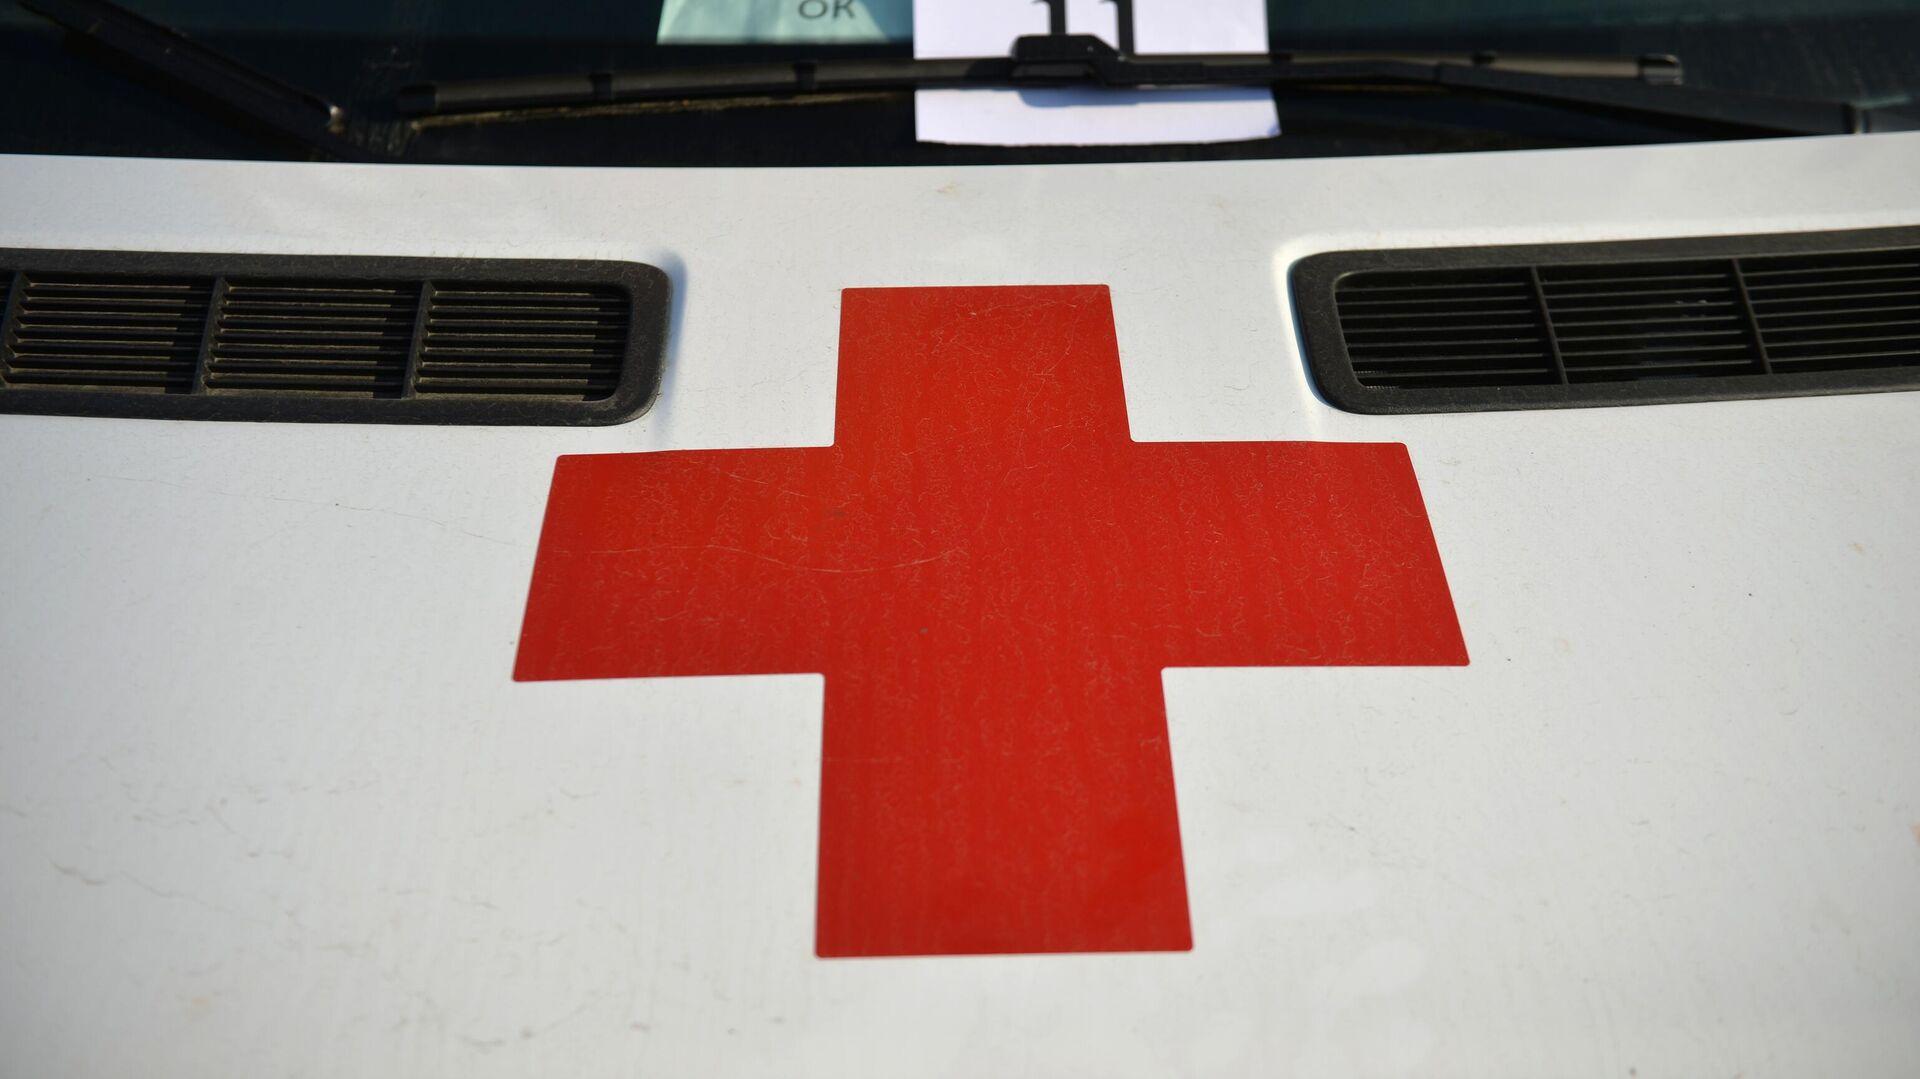 Красный крест на автомобиле скорой медицинской помощи - РИА Новости, 1920, 04.08.2021